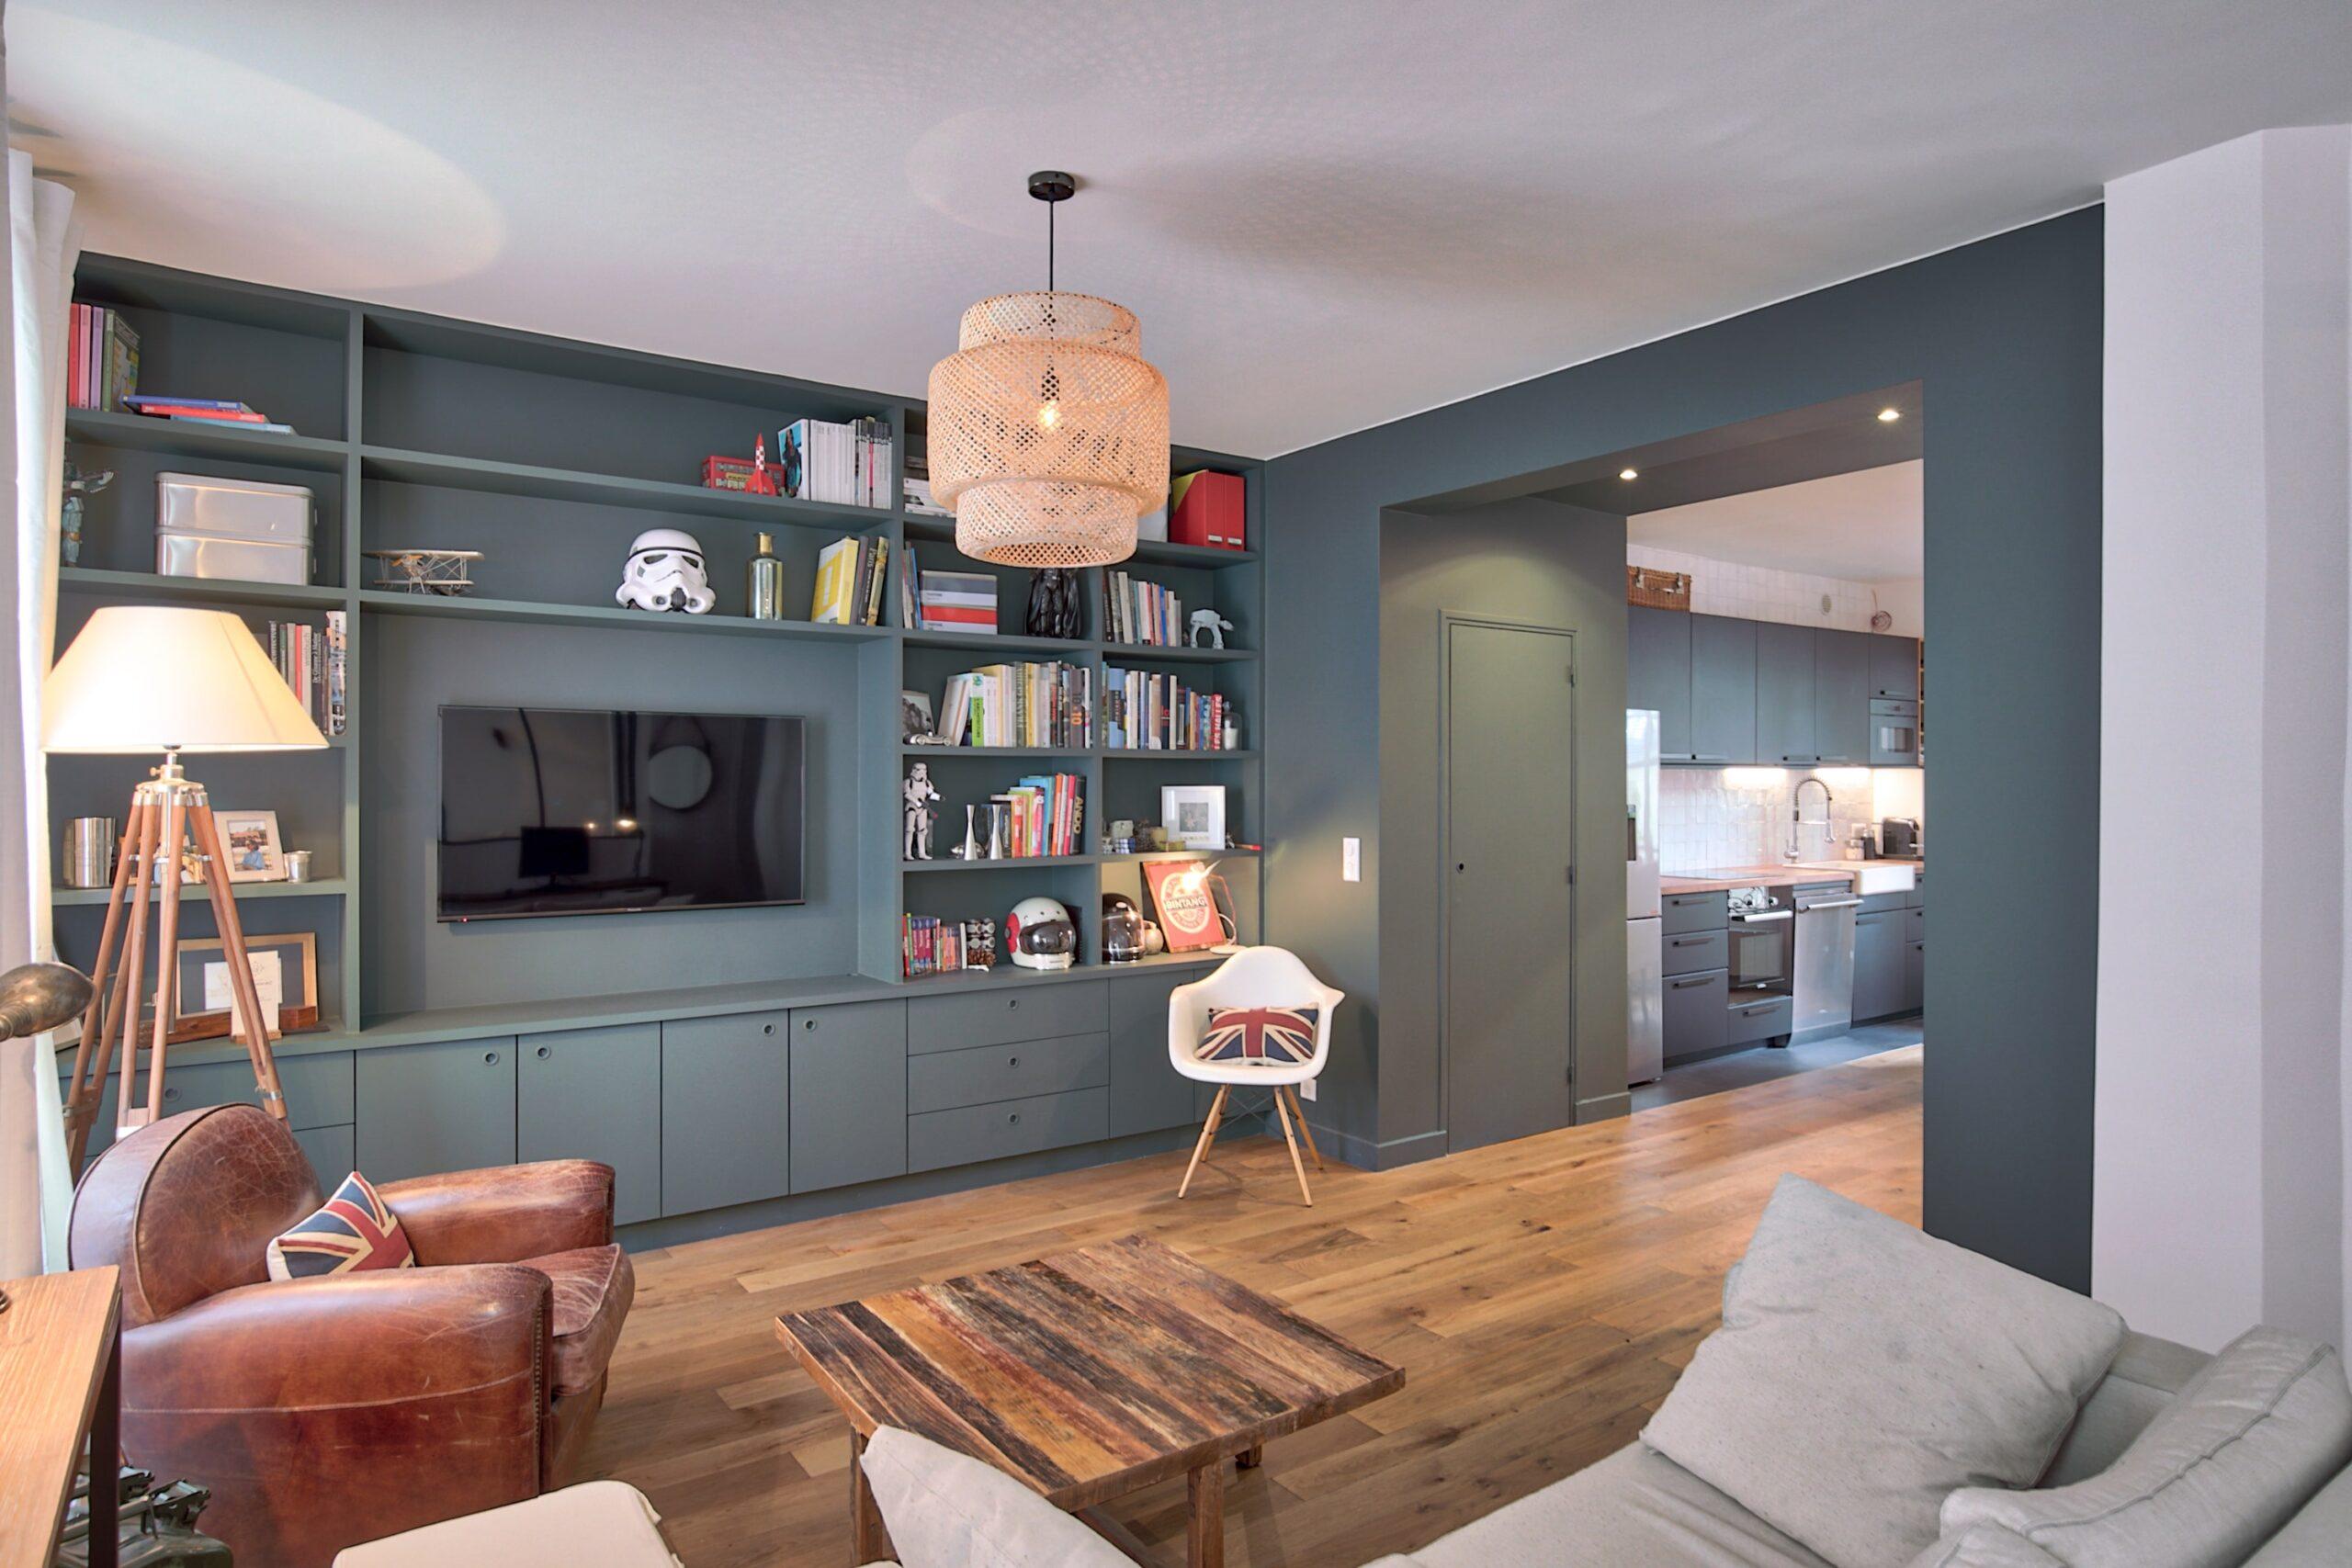 marjolin-levallois-renovation-appartement-architecture-interieur-favresse-architectes-34-min